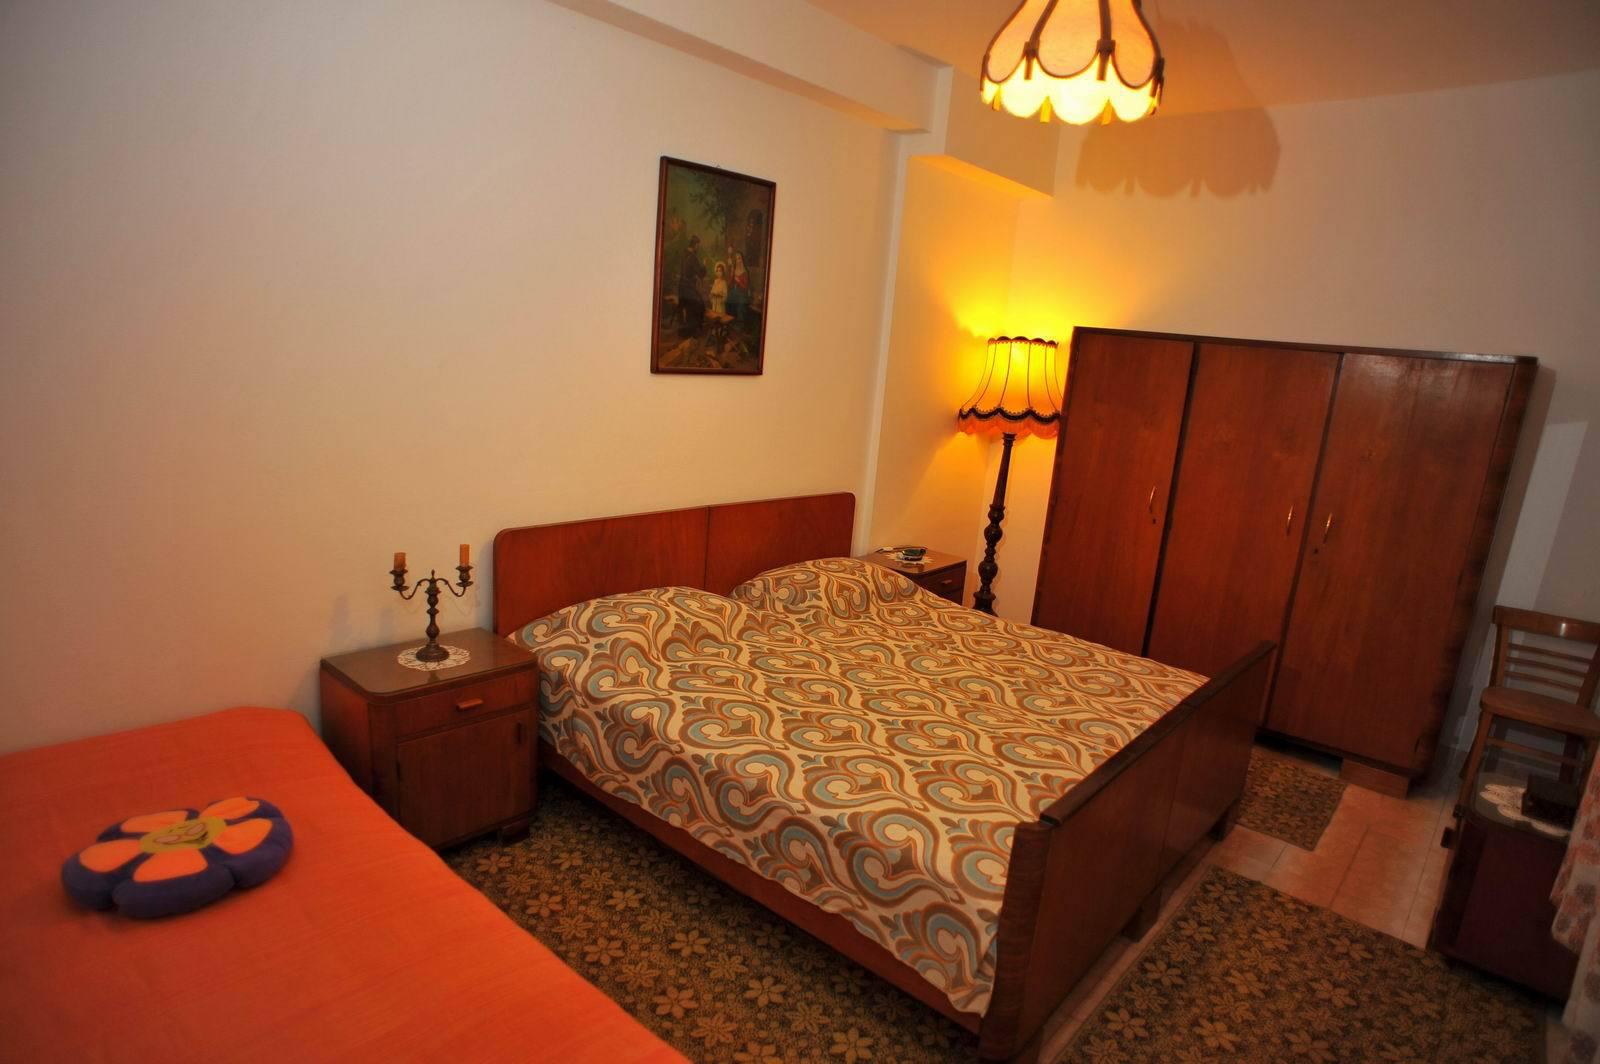 01501SUTI - Sutivan - Appartements Croatie - A1(6): chambre à coucher